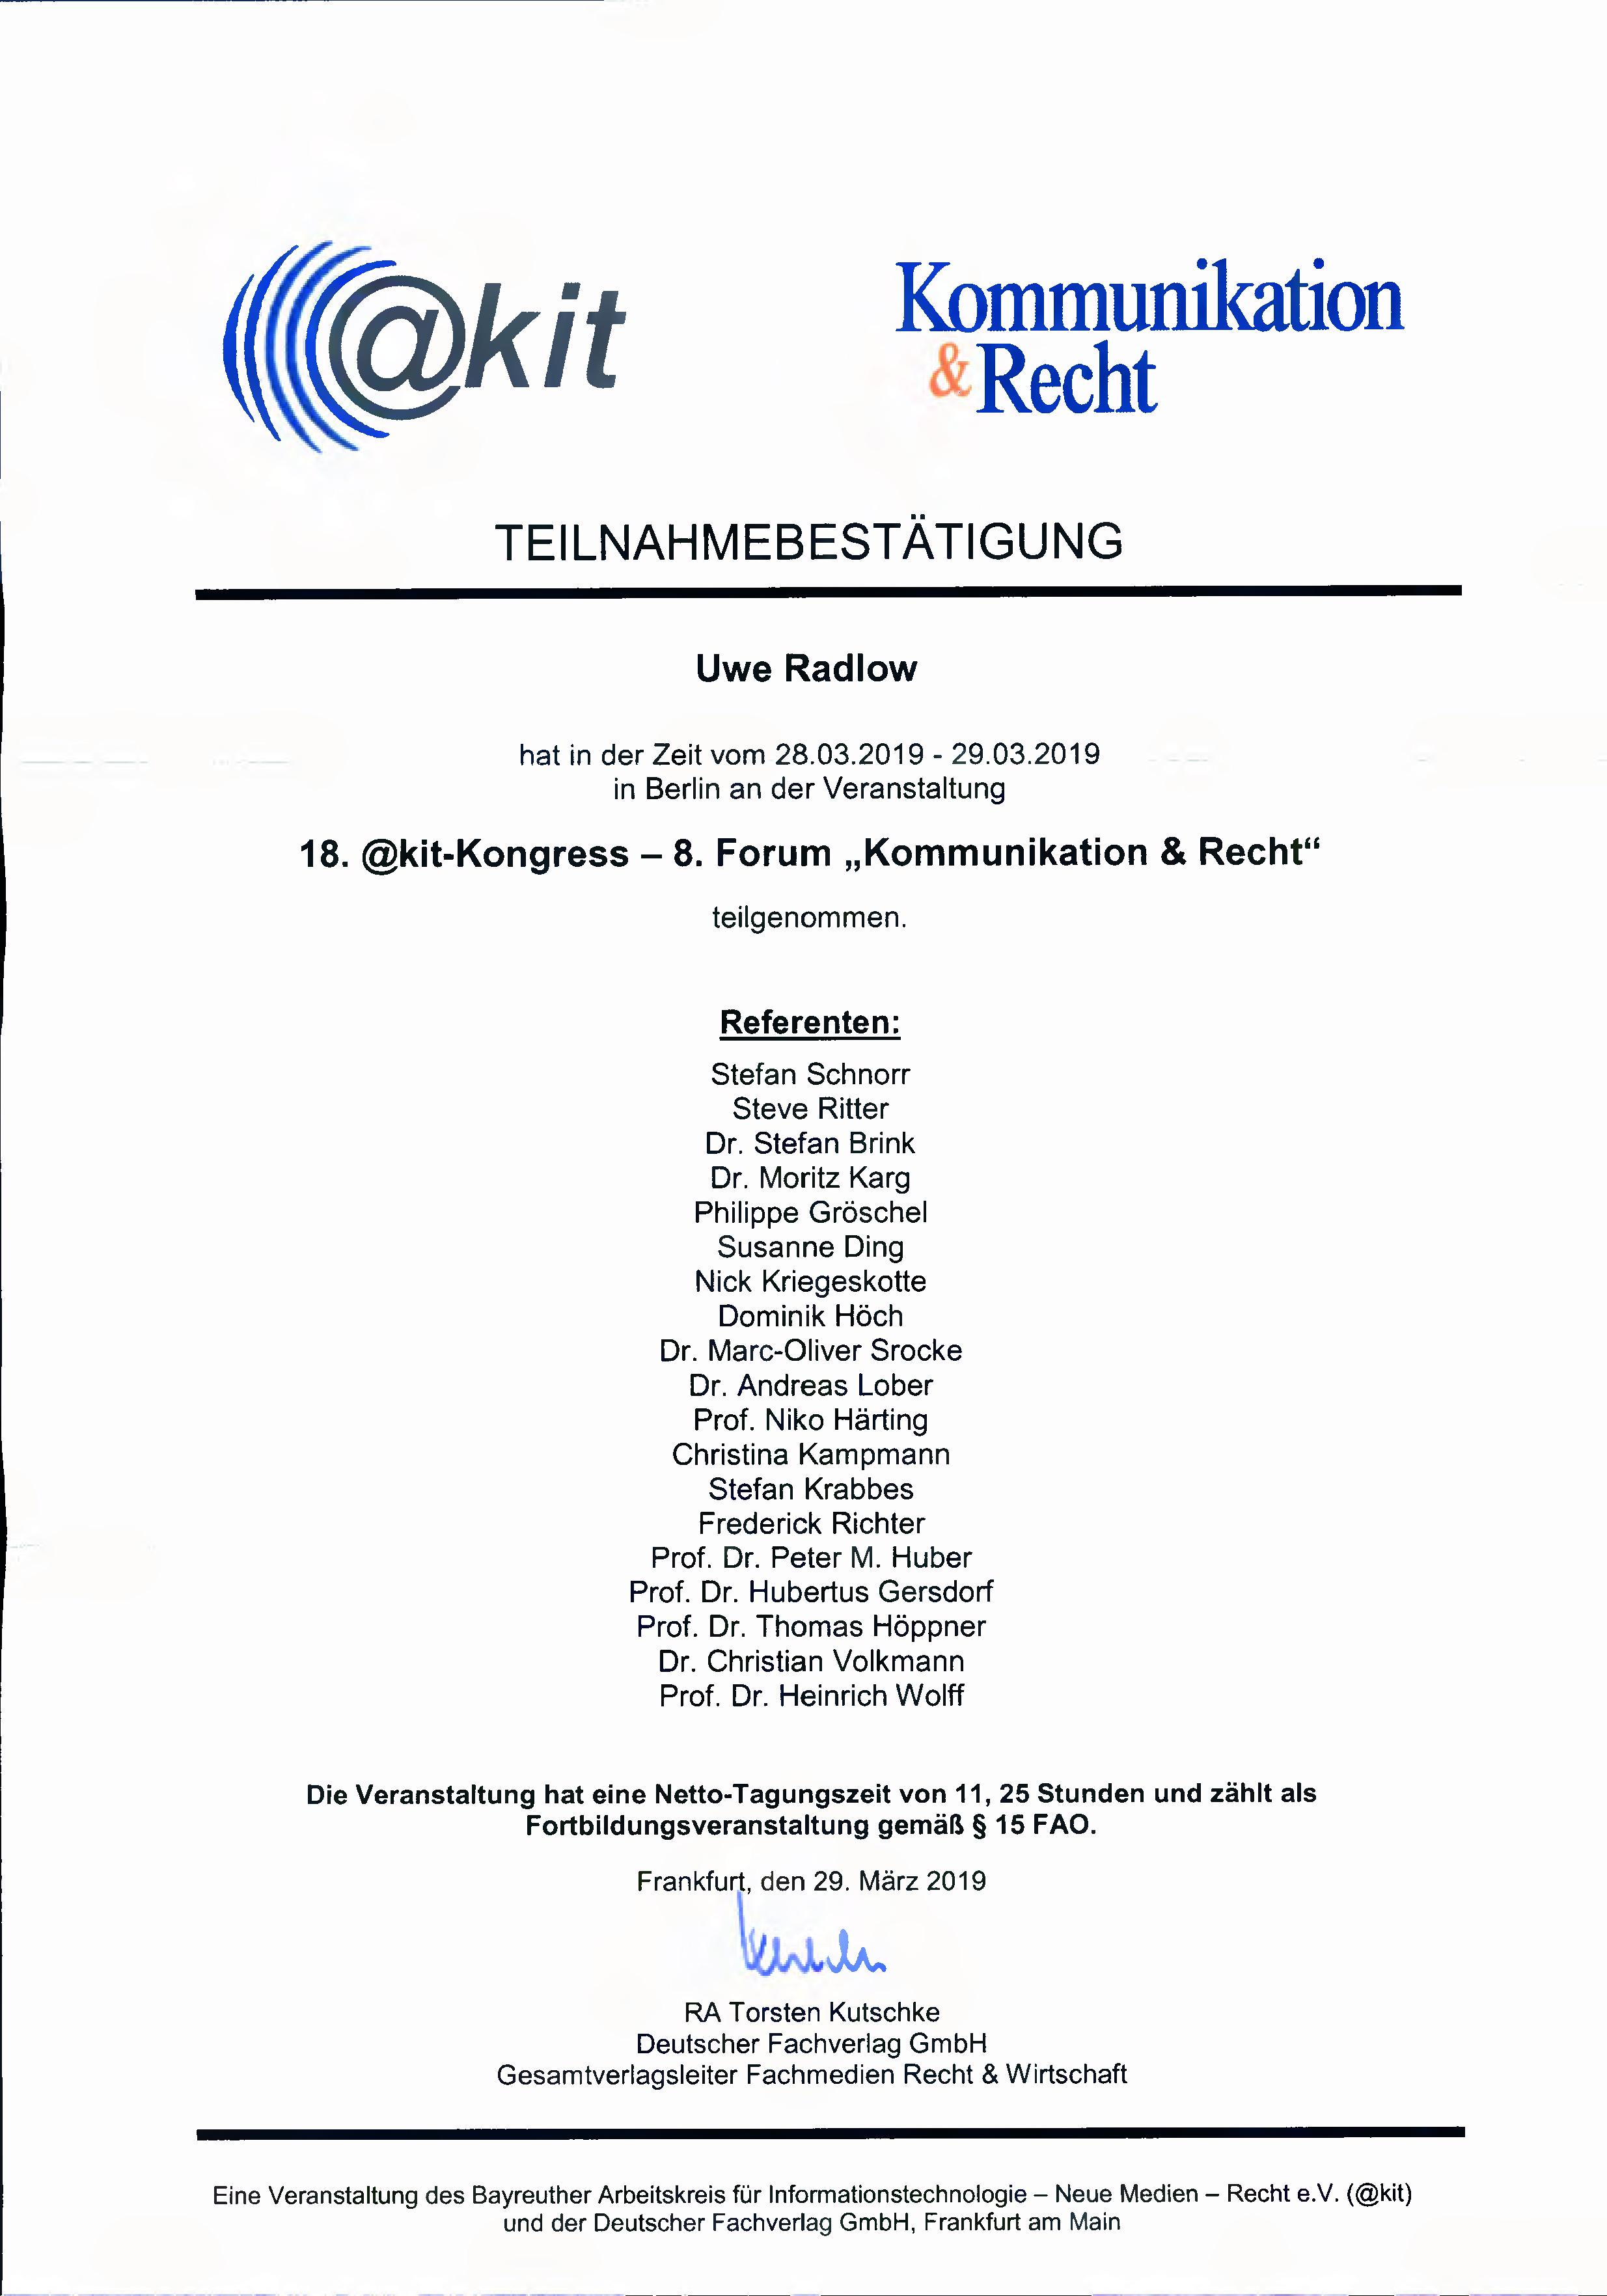 2019-03-29_Teilnahmebestätigung_akit_Tagung_Kommunikation_und_Recht